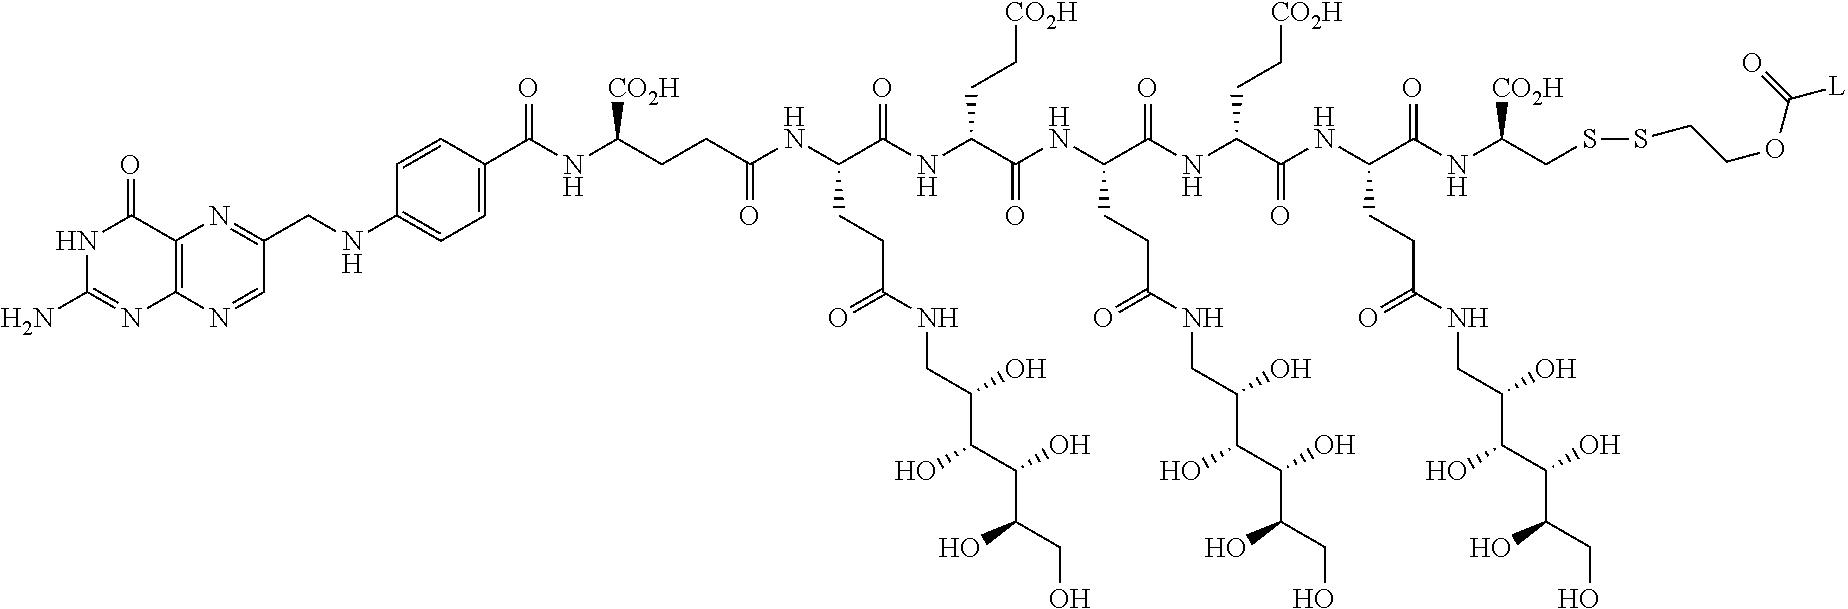 Figure US09662402-20170530-C00030